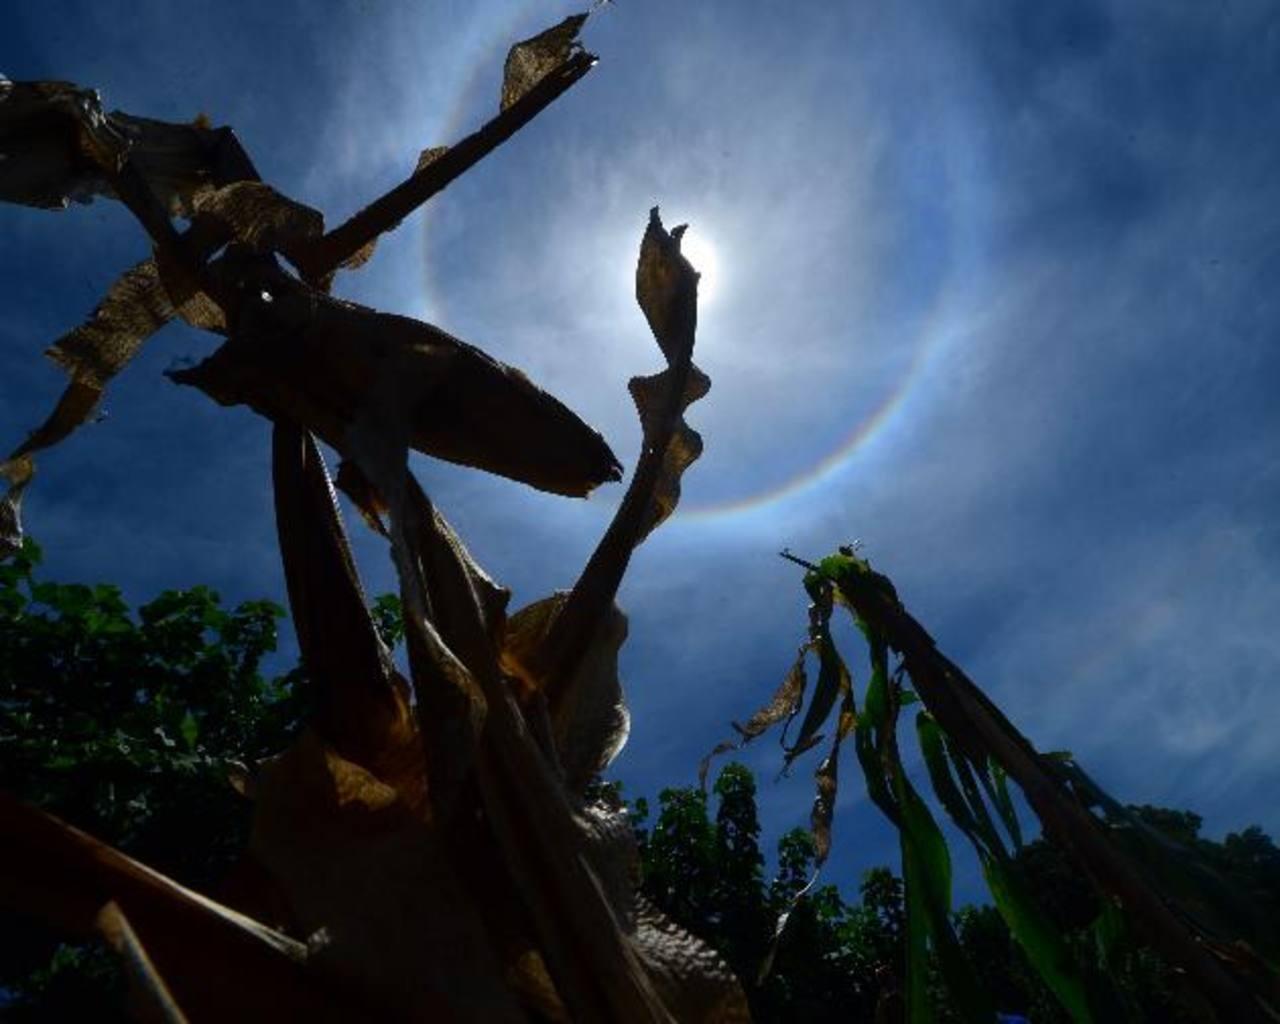 La ceniza del volcán Chaparrastique también contribuyó al recalentamiento del suelo y daño en los cultivos. foto edh / Archivo